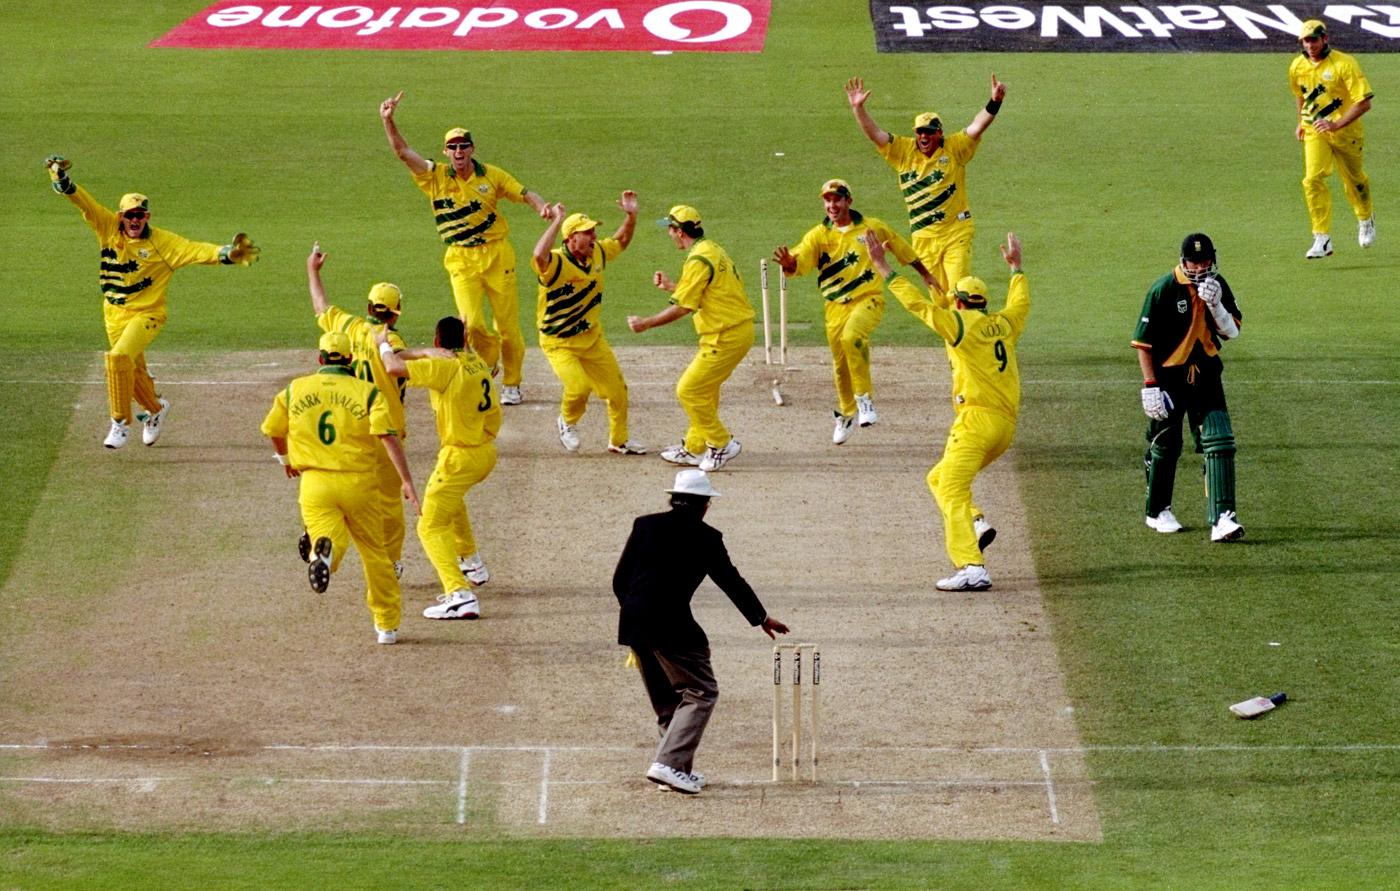 आज ही के दिन 20 साल पहले खेला गया था क्रिकेट इतिहास का सबसे रोचक मैच, जानिए मैच में कैसे रहा रोमांच अपने चरम पर